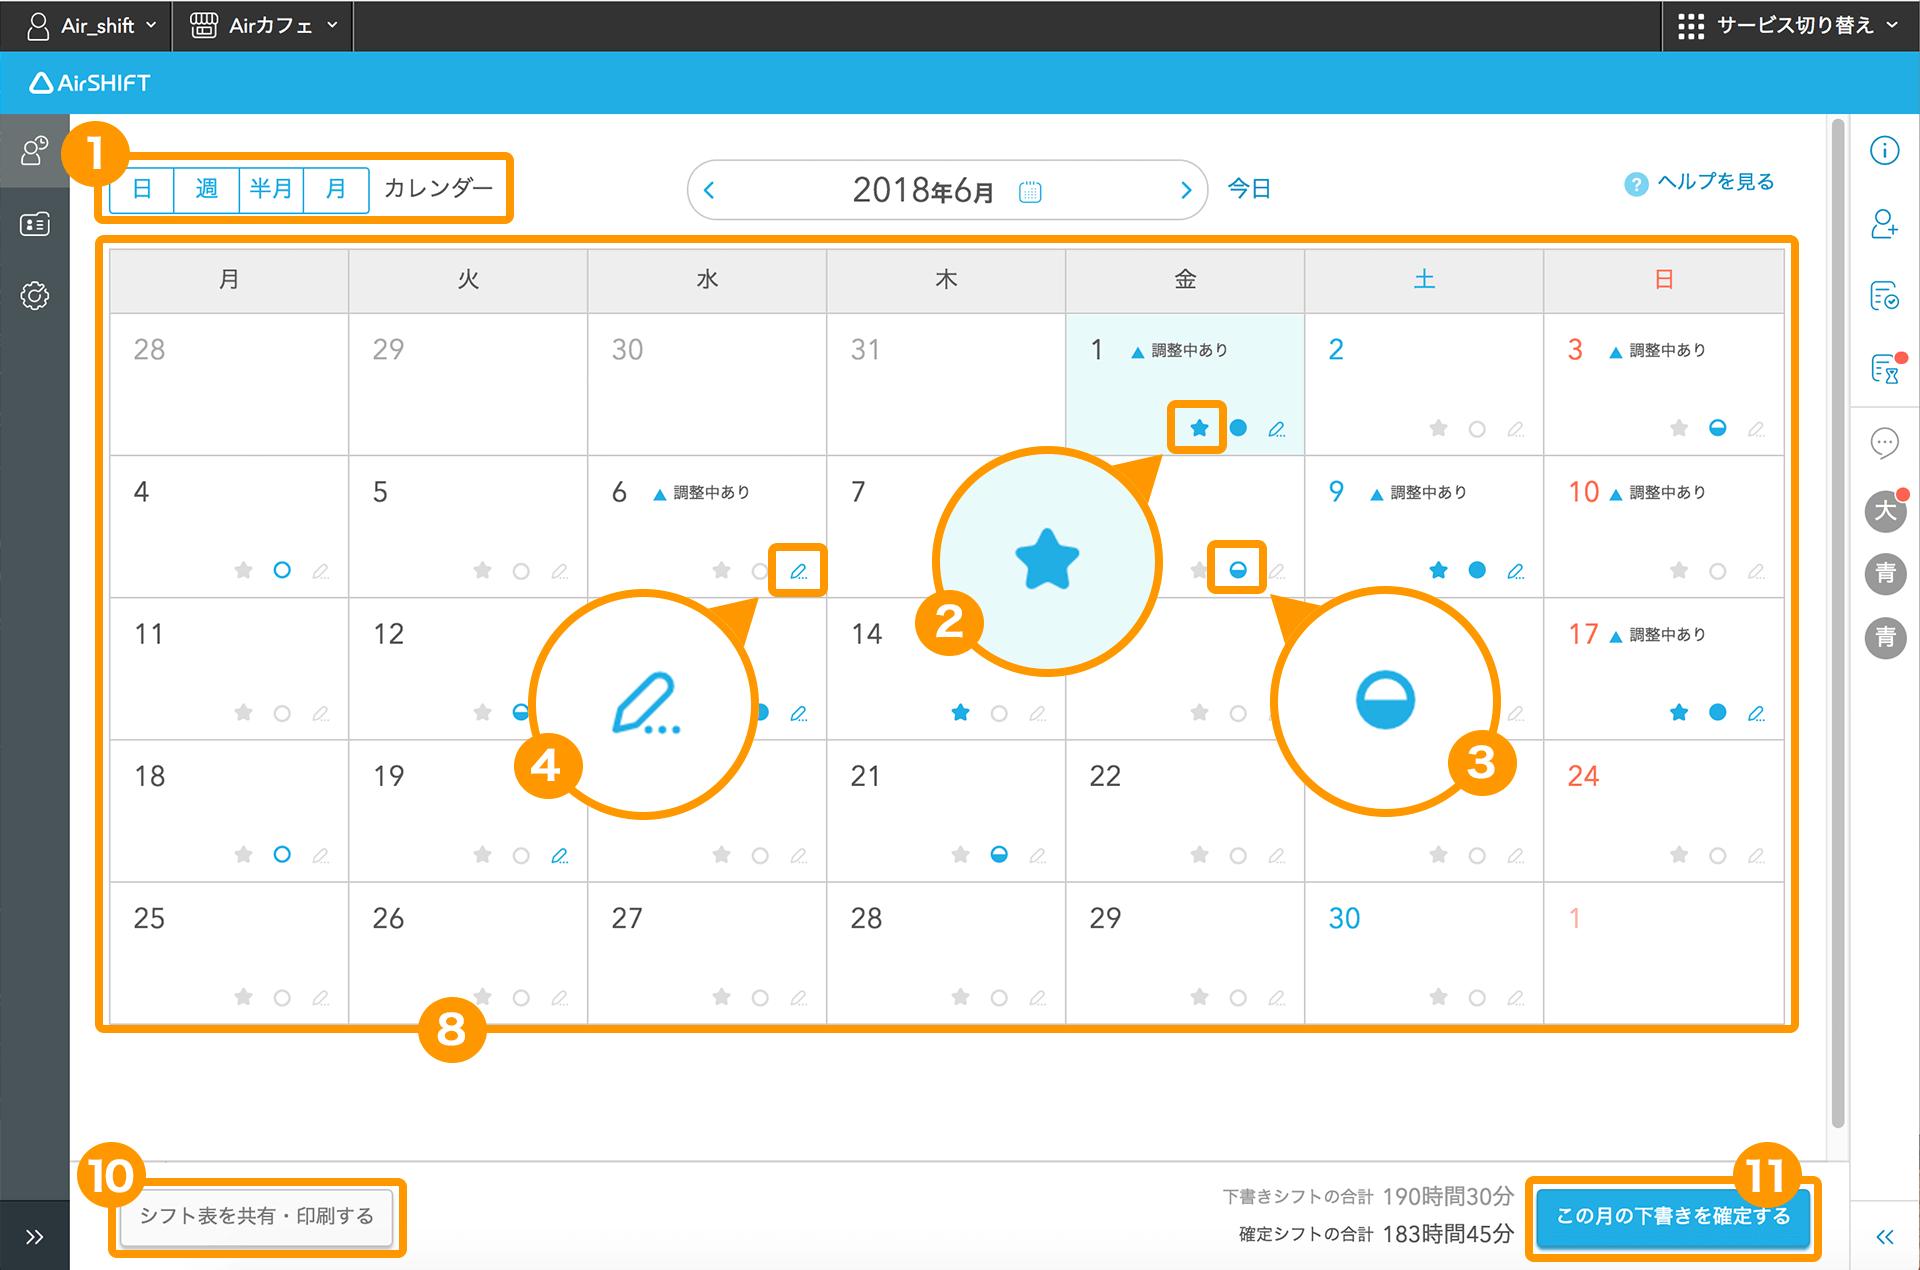 Airシフト シフト管理画面 カレンダー